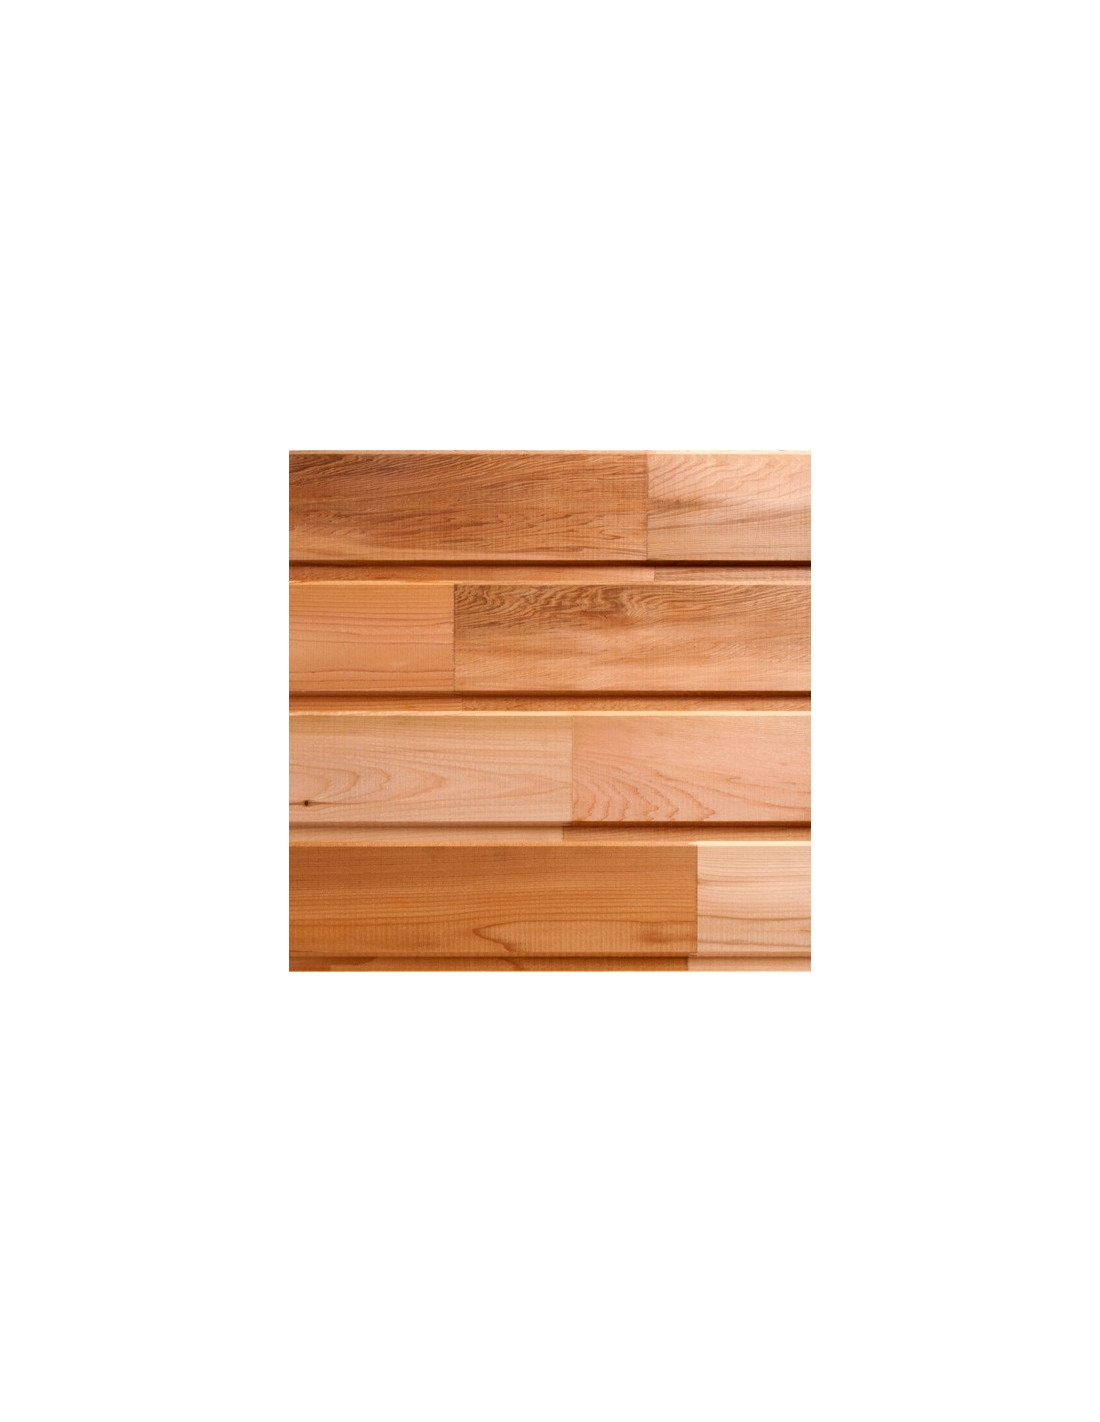 ami cedar bing images. Black Bedroom Furniture Sets. Home Design Ideas